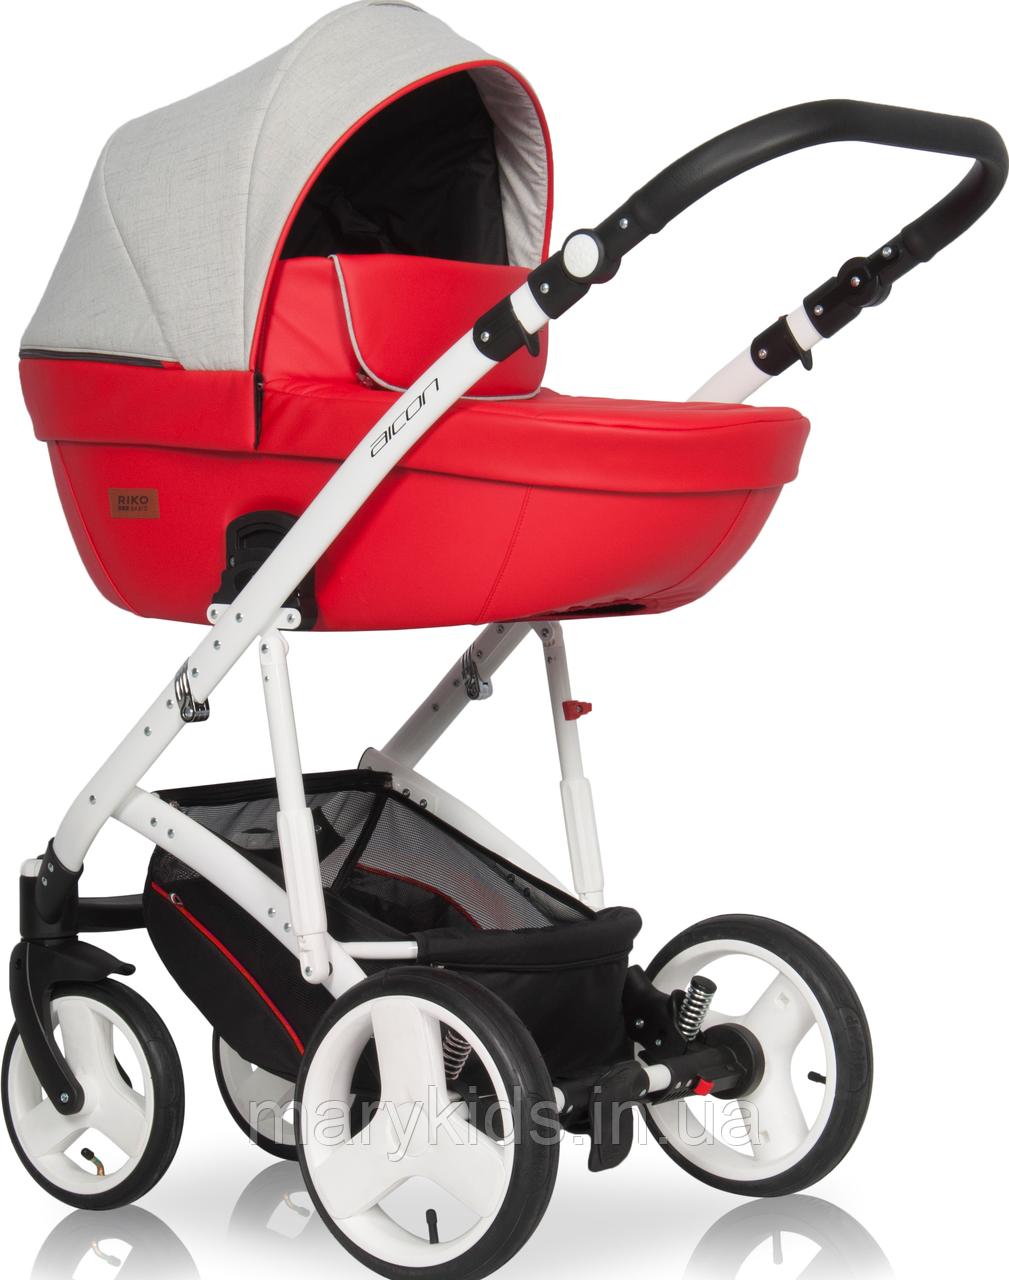 Детская универсальная коляска 2 в 1 Riko Aicon 04